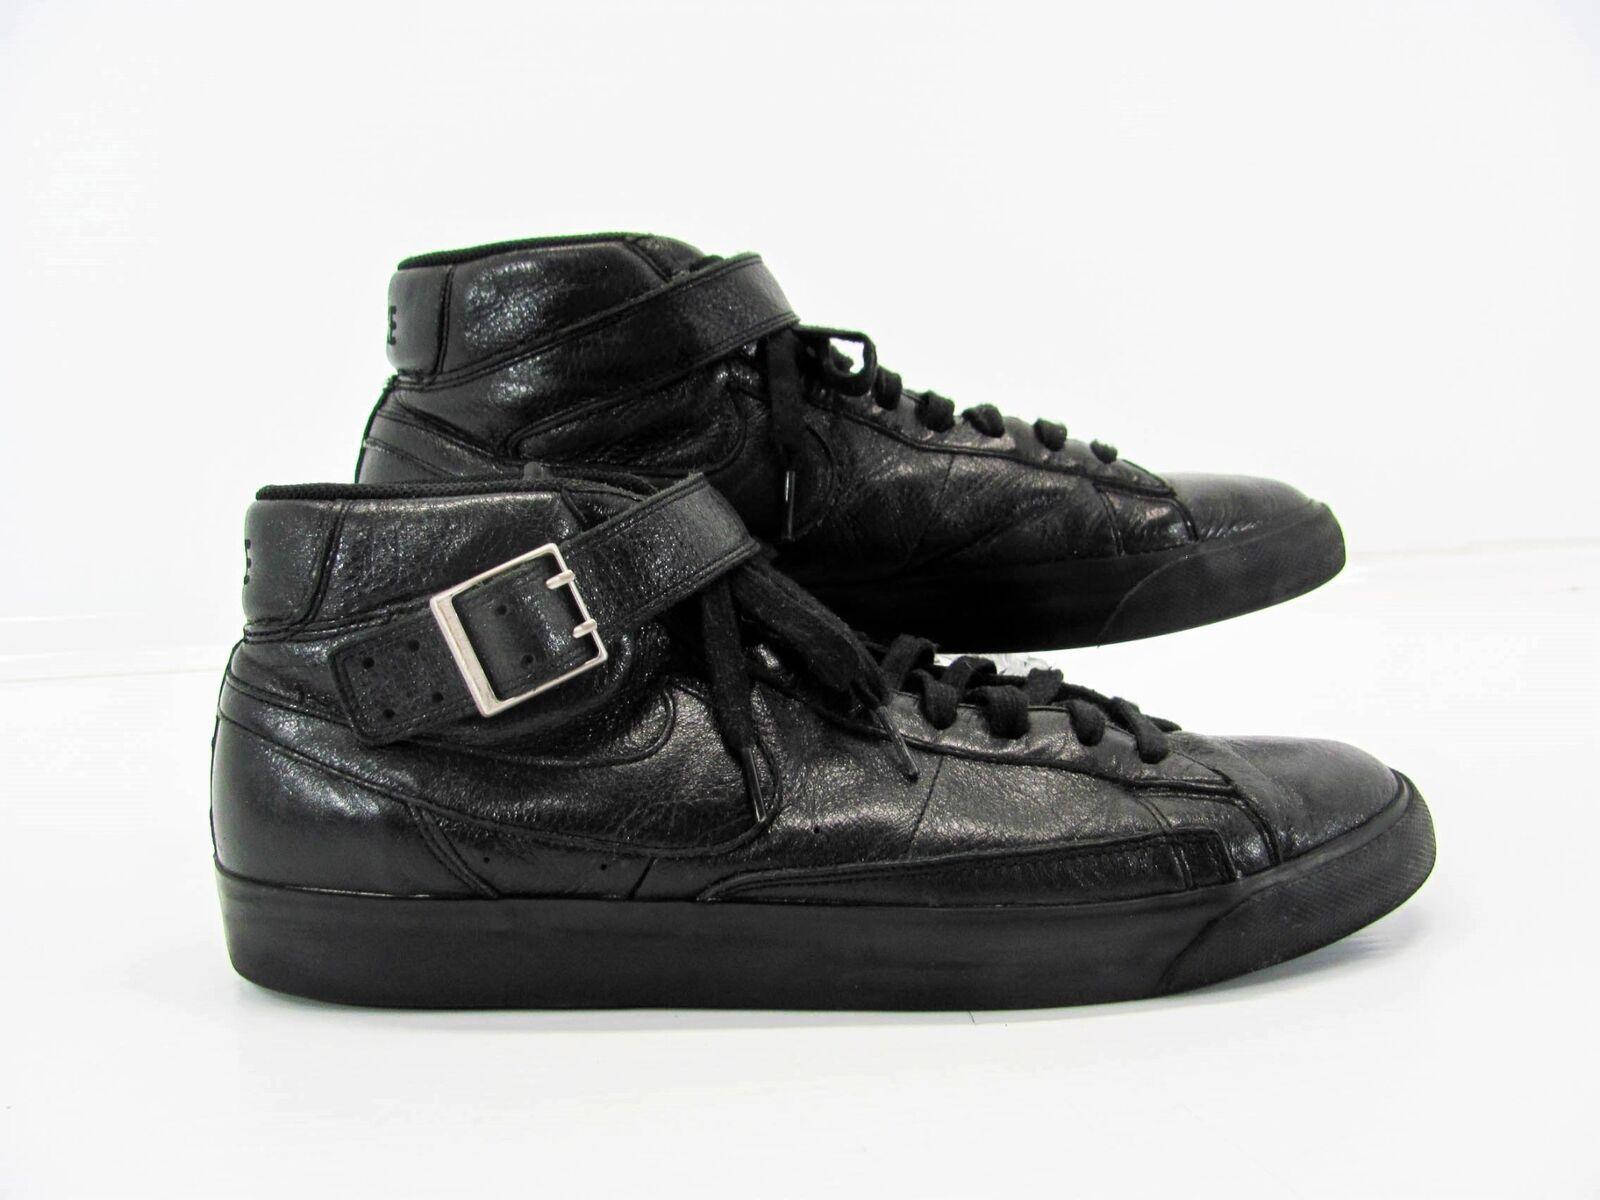 nike männer schwarze hohem schnalle sneaker skate - schuh besitz. uns 14 bereits im besitz. schuh cc5ad8